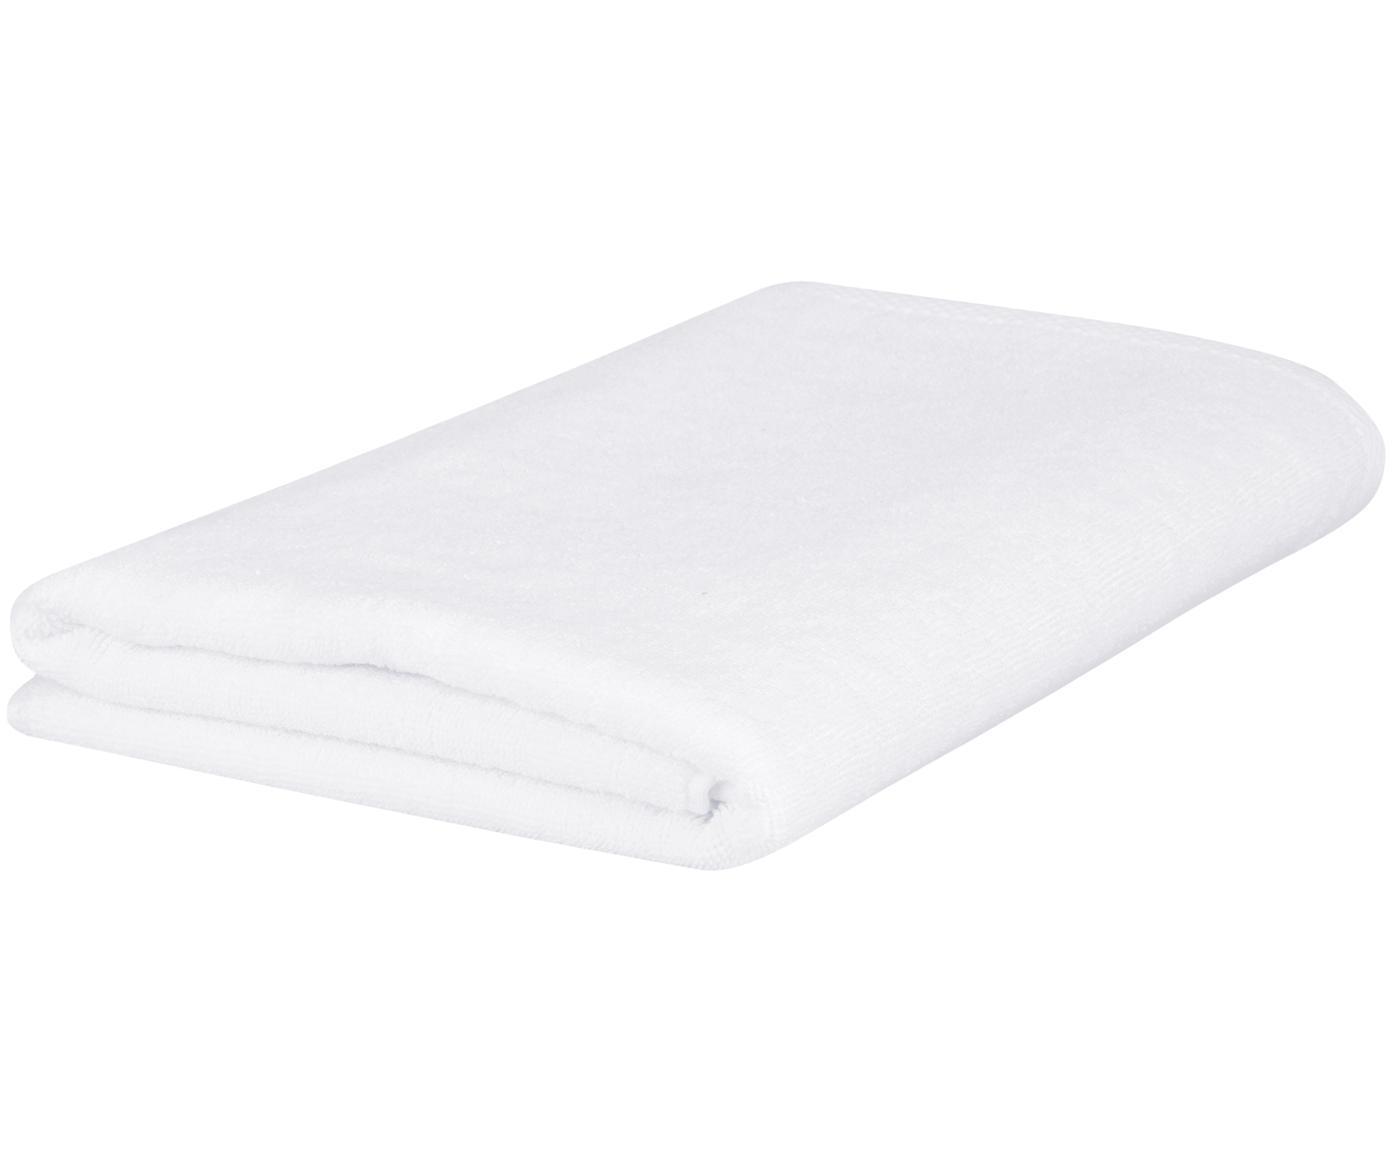 Einfarbiges Handtuch Comfort, verschiedene Grössen, Weiss, Duschtuch